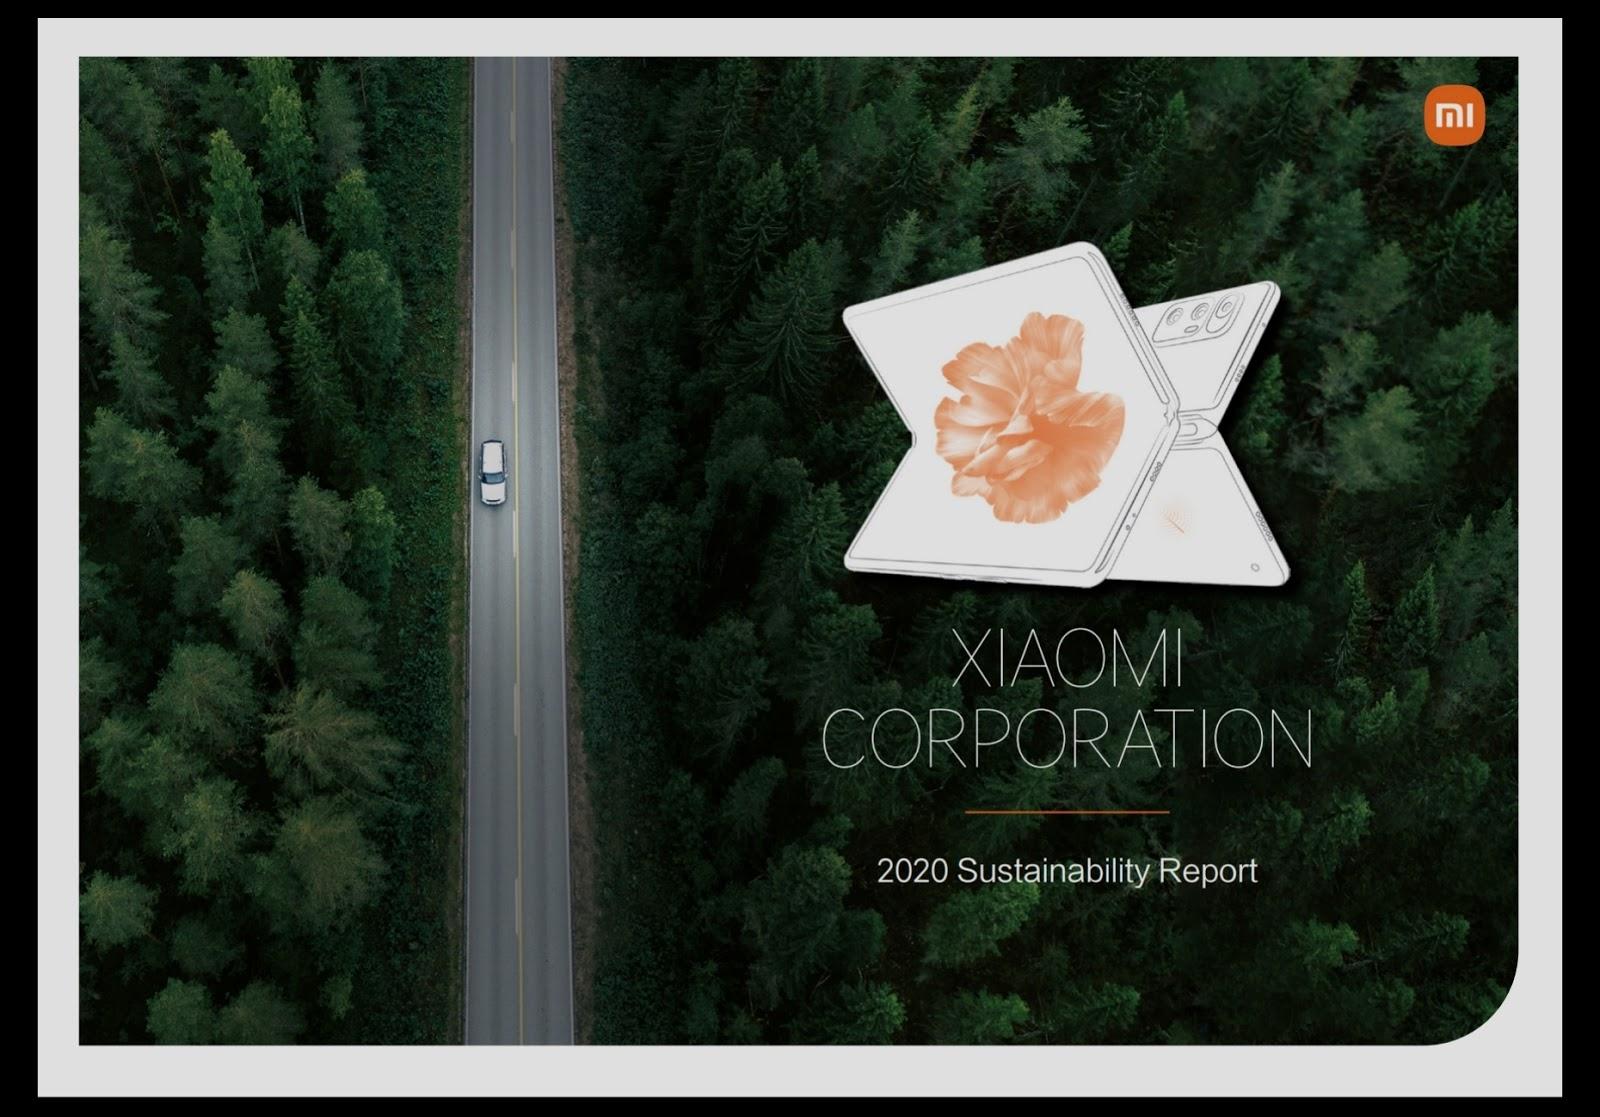 Xiaomi เผยแพร่รายงานด้านความยั่งยืน ตอกย้ำความมุ่งมั่นเพื่อสร้างโลกที่ยั่งยืนกว่าเดิม